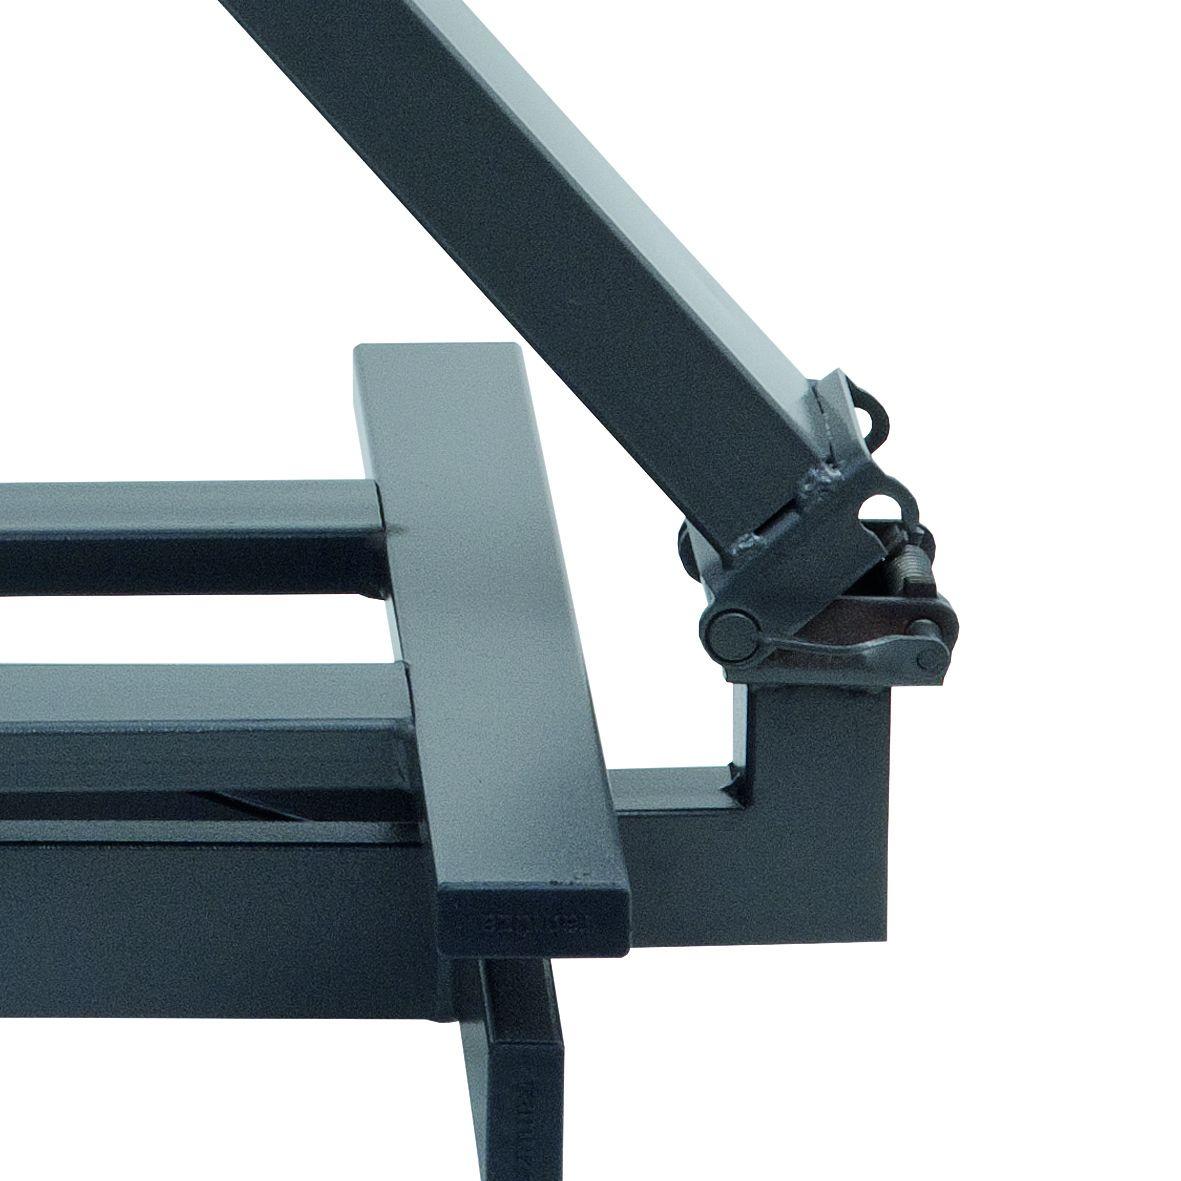 Balança Industrial Plataforma em Aço Carbono Ramuza DP - Capacidade: 500kg, Base: 60x60cm, IDR de ABS com bateria